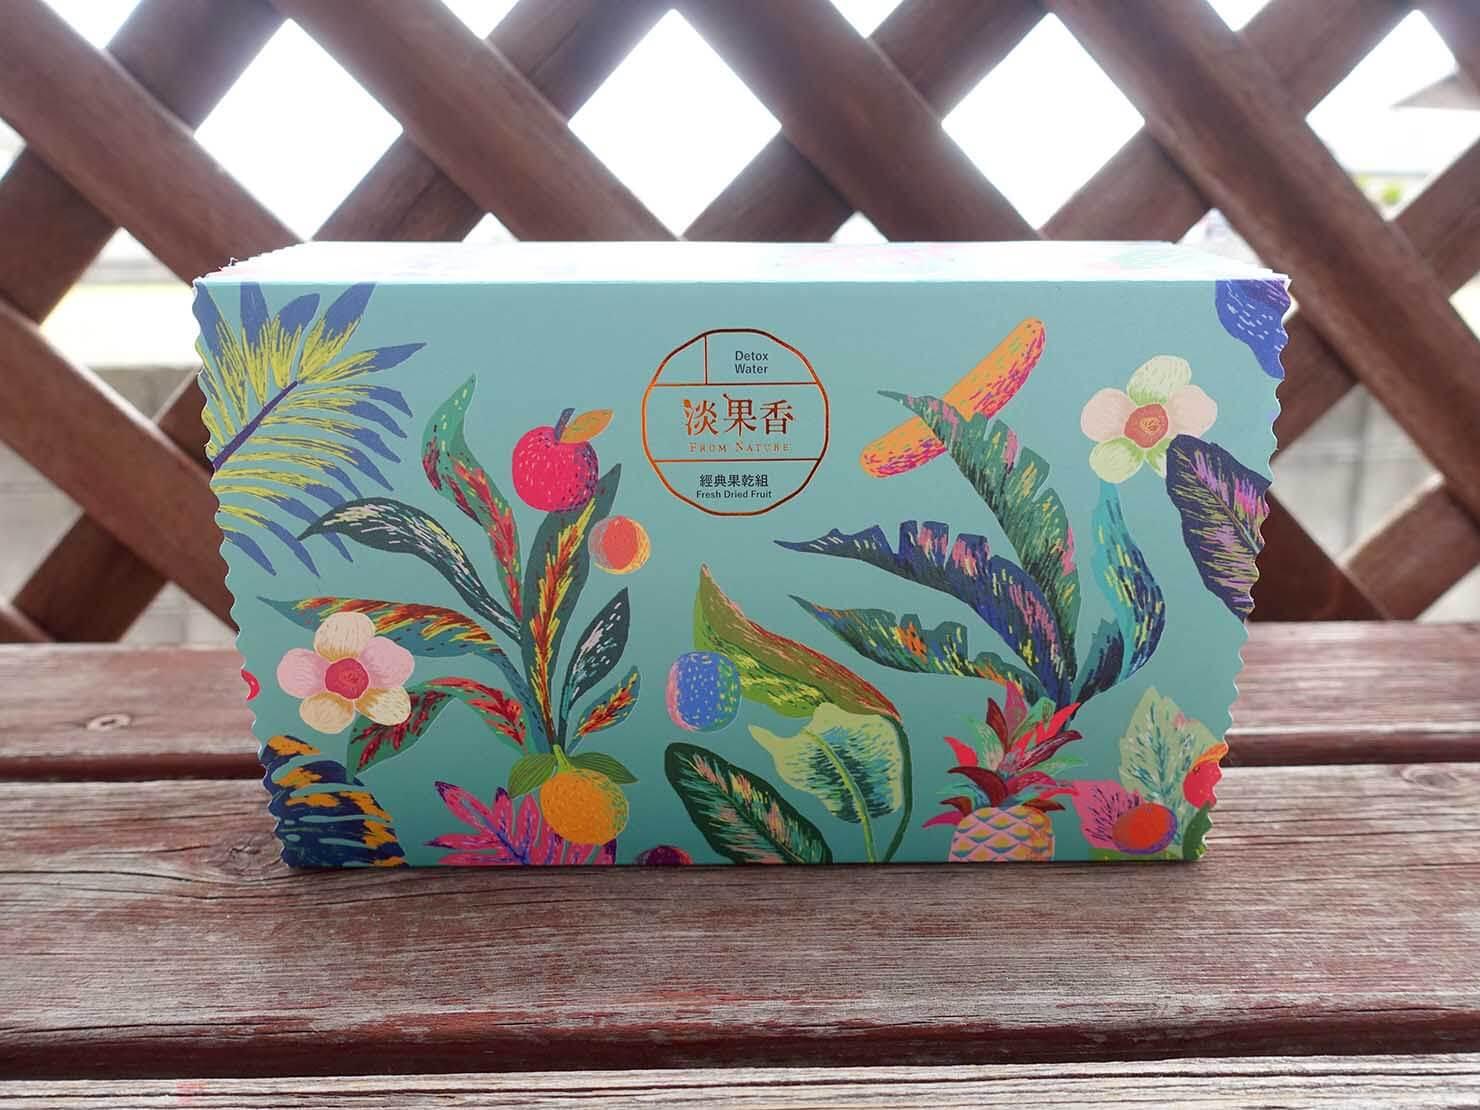 台北・永康街のおすすめおみやげショップ「來好 LAIHAO」で買った淡果香の經典果乾組パッケージ